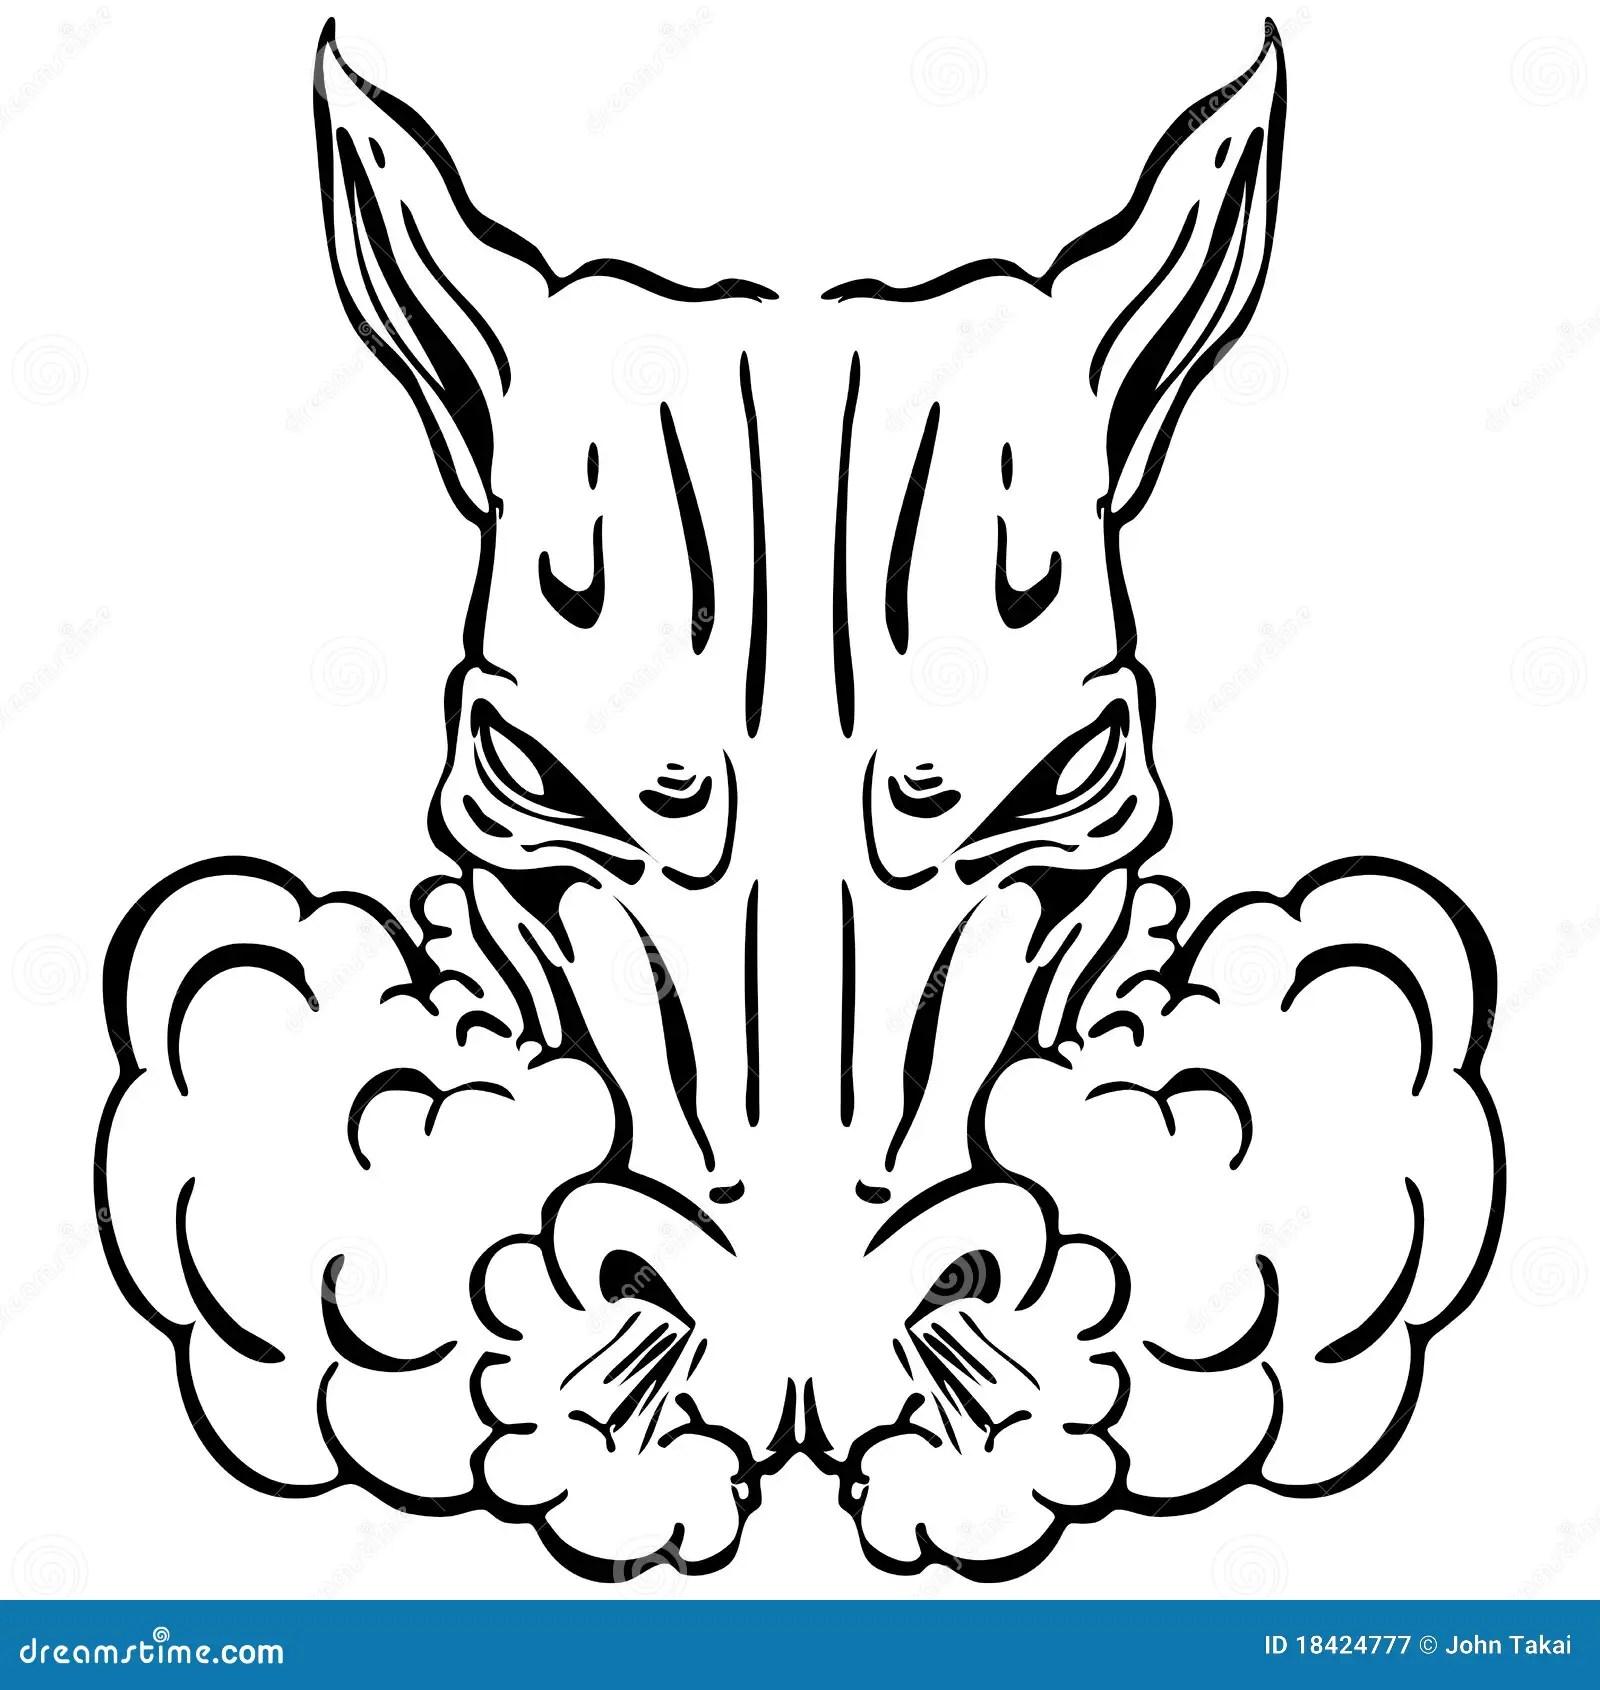 Dark Horse Armory Inc Logo Design Contest